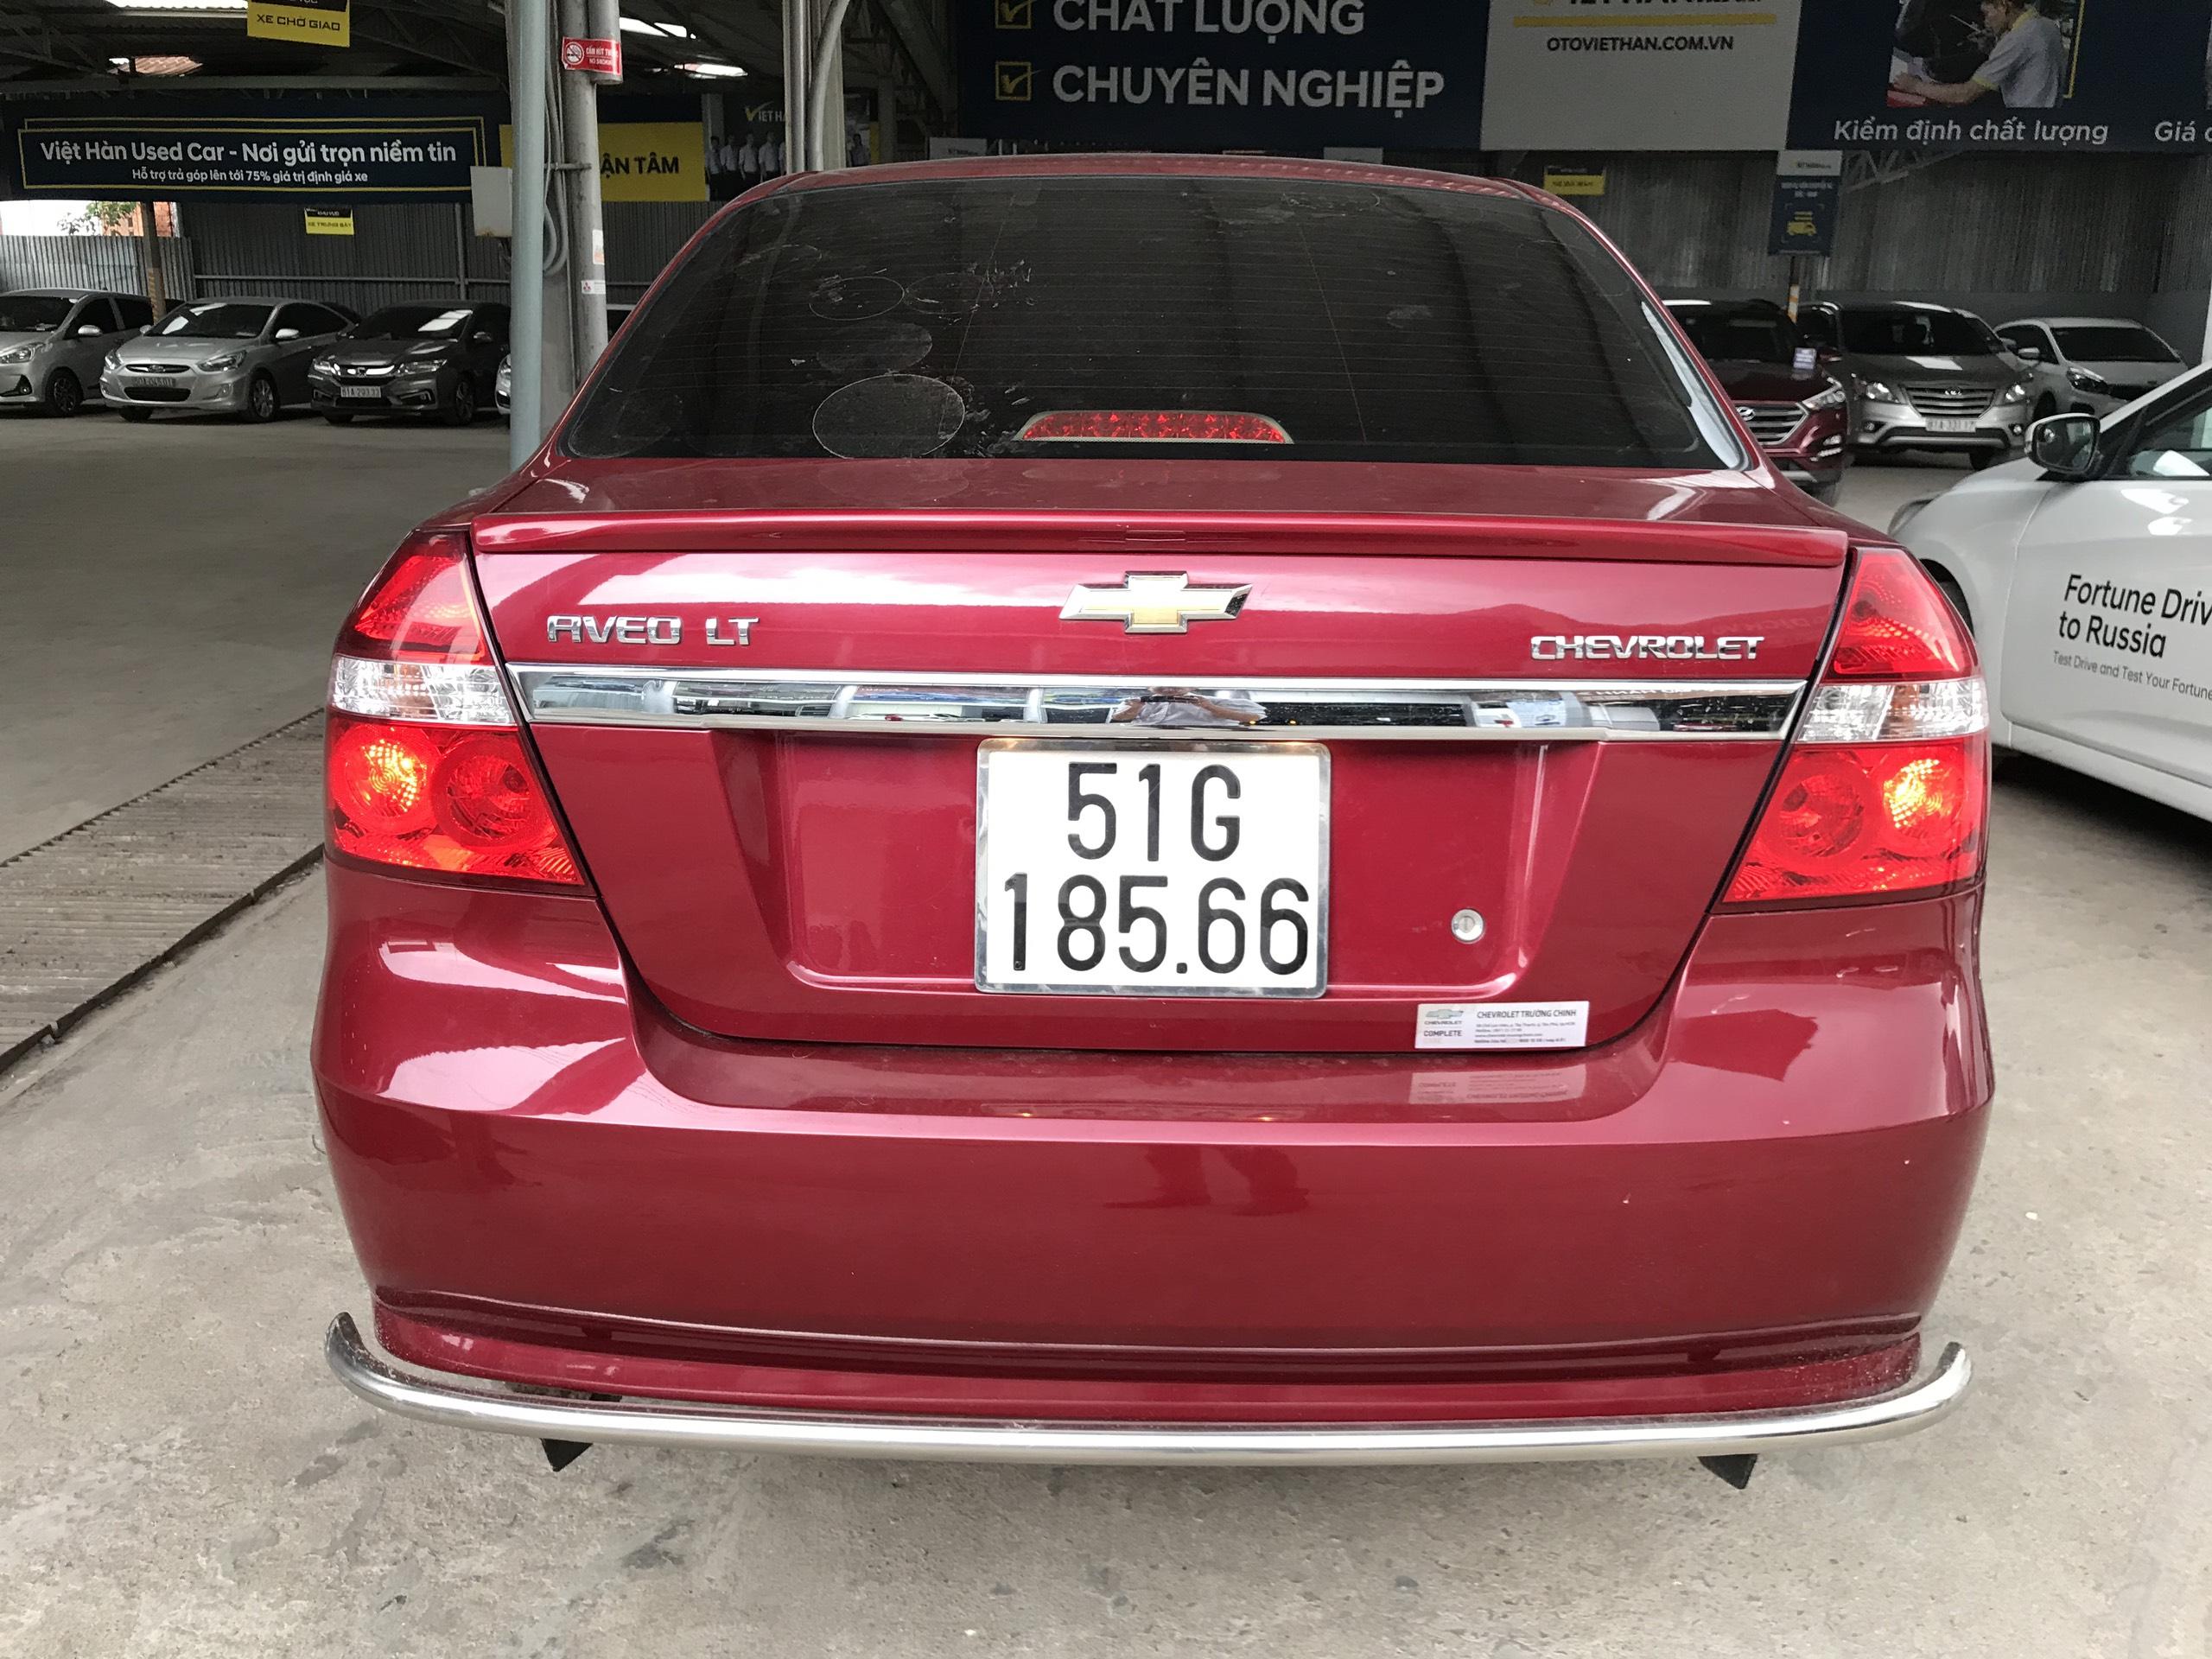 Bán Chevrolet Aveo LT 1.4MT màu đỏ số sàn sản xuất 2018 biển Sài Gòn